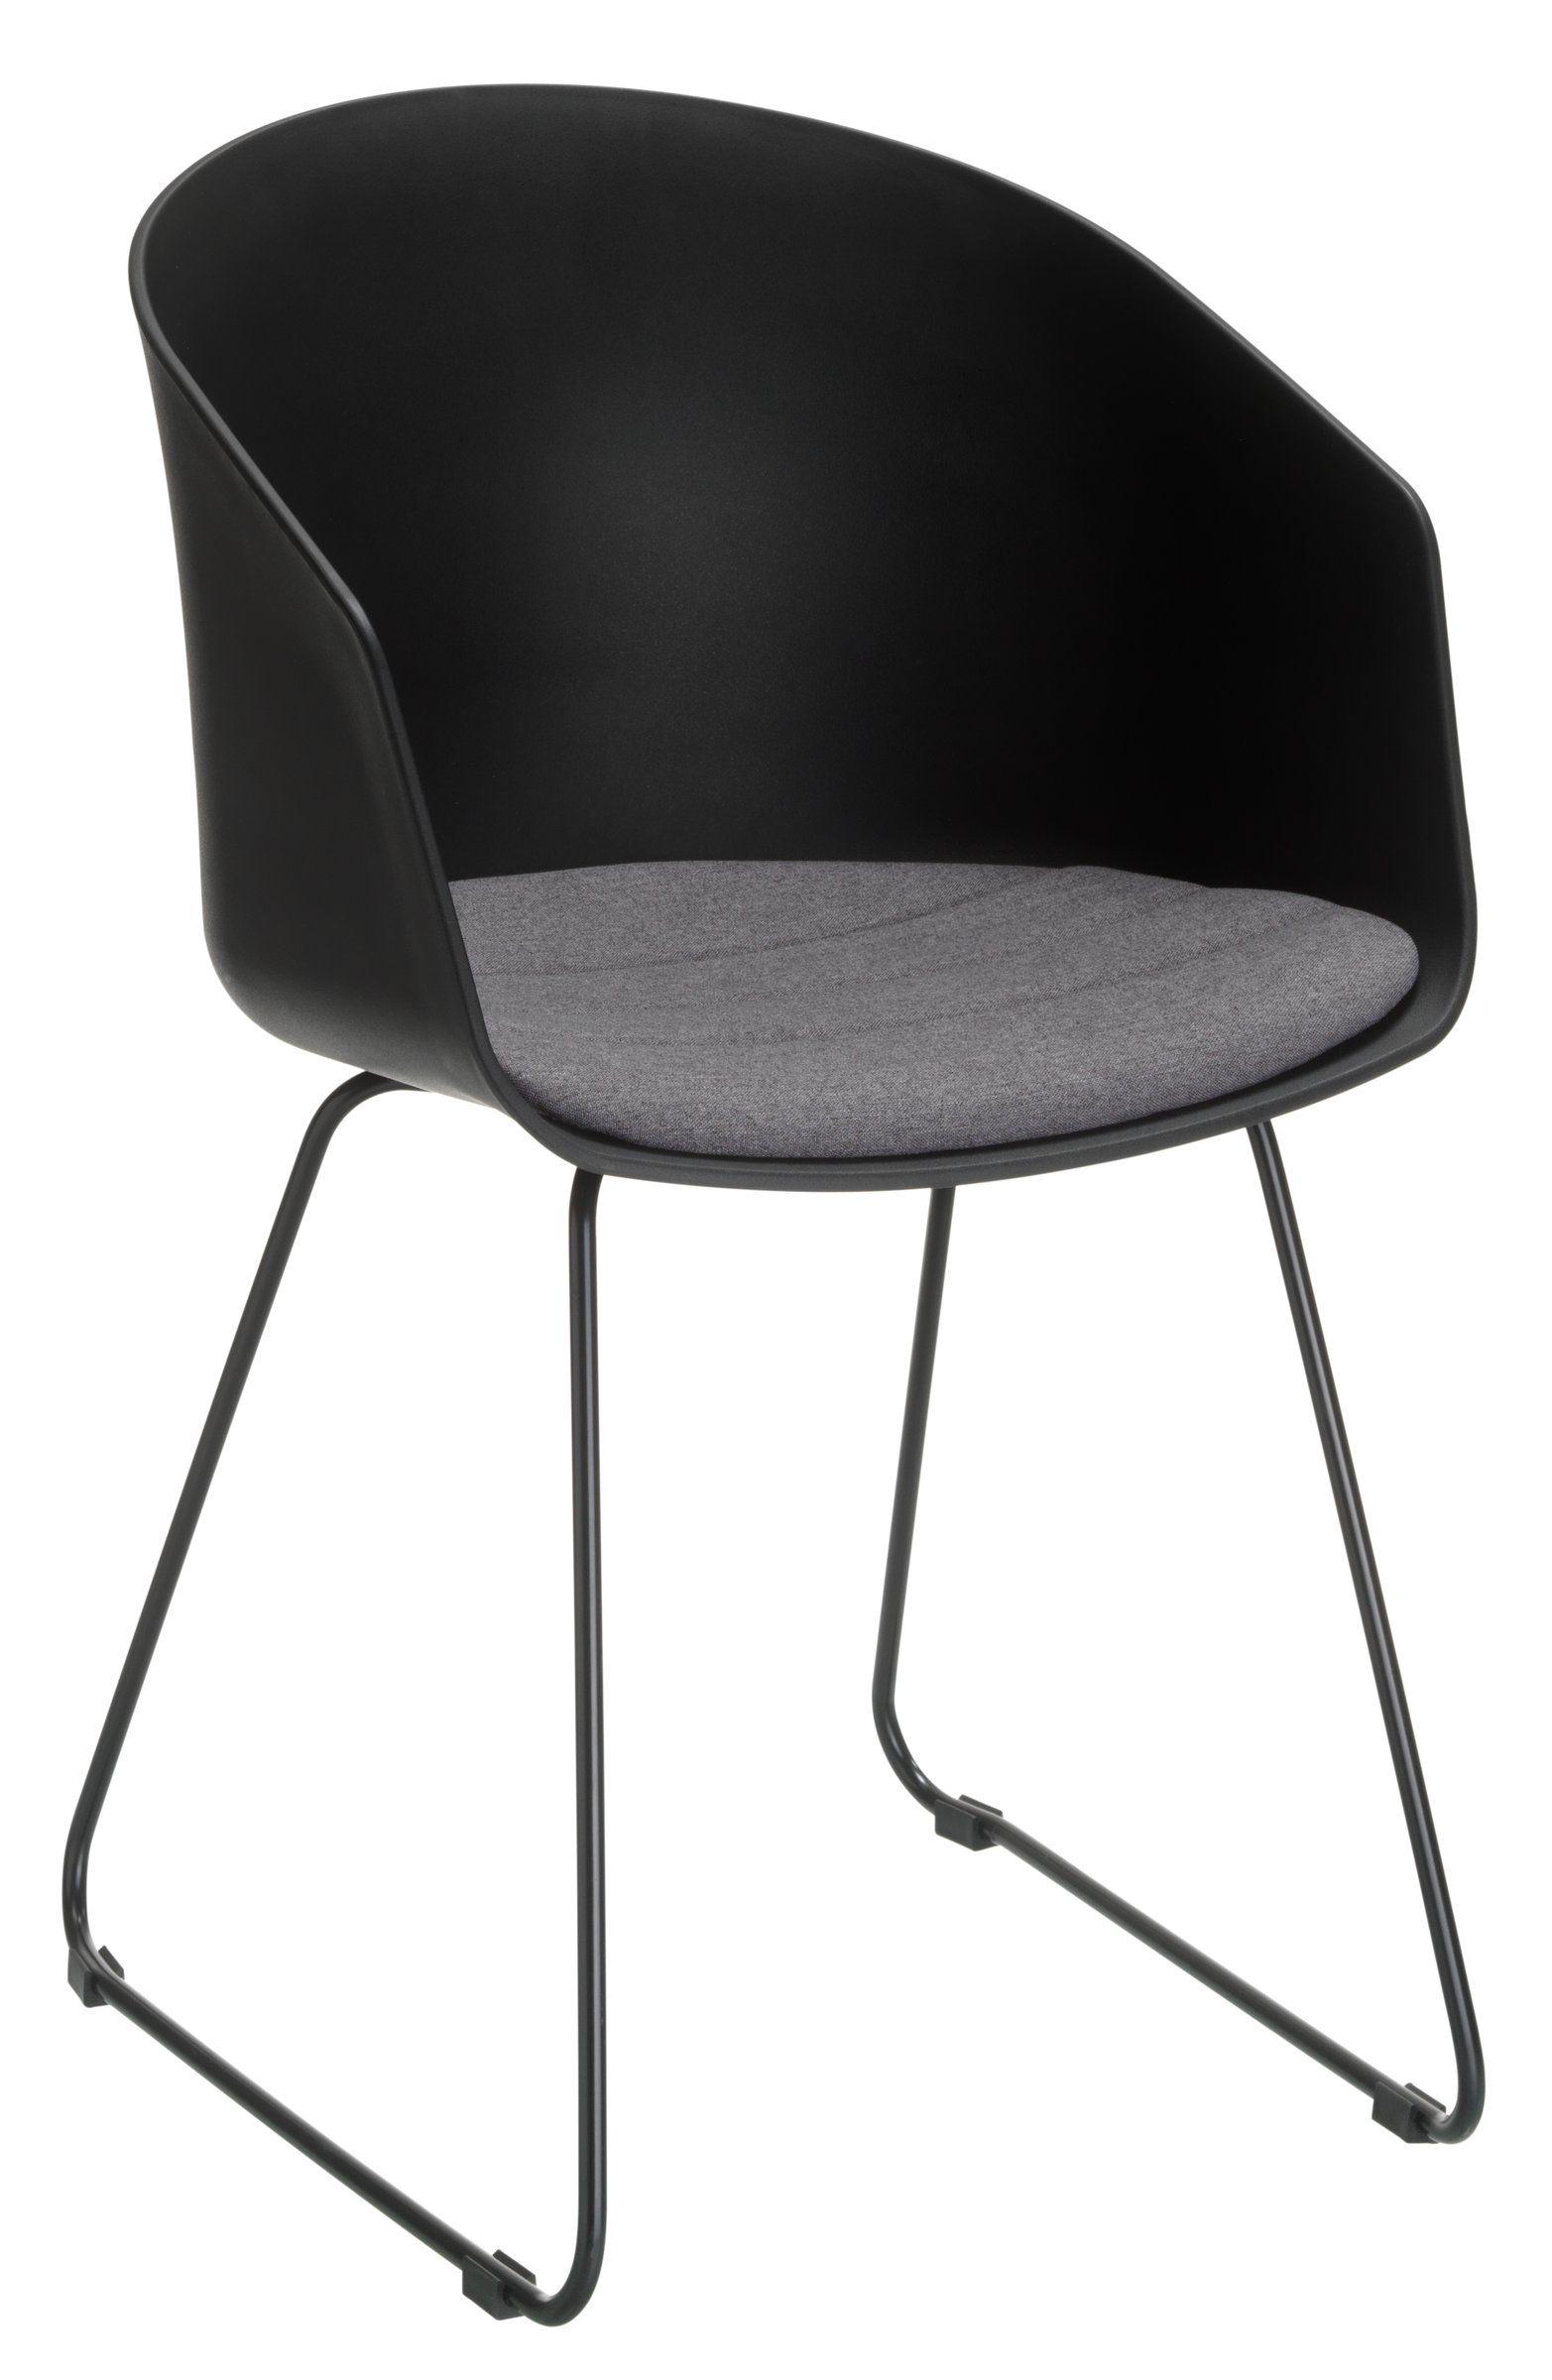 Sitzkissen Für Stuhl stuhl tusco kunststoffschale schwarz sitzkissen stoff anthrazit